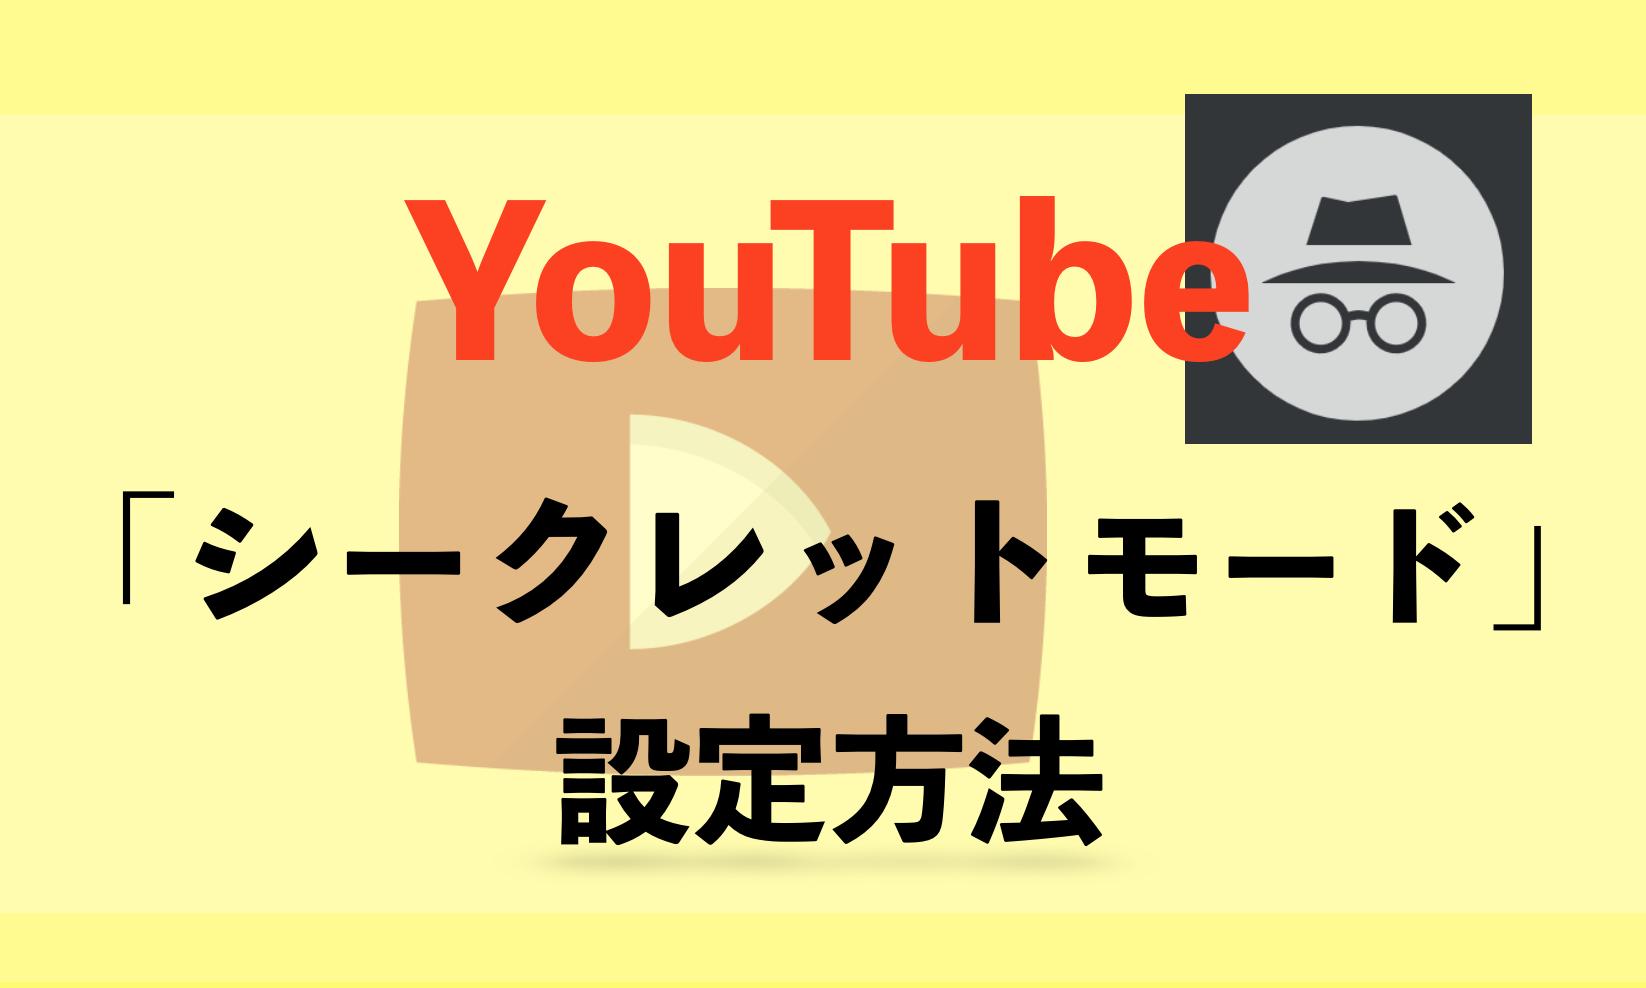 YouTubeシークレットモードの設定方法